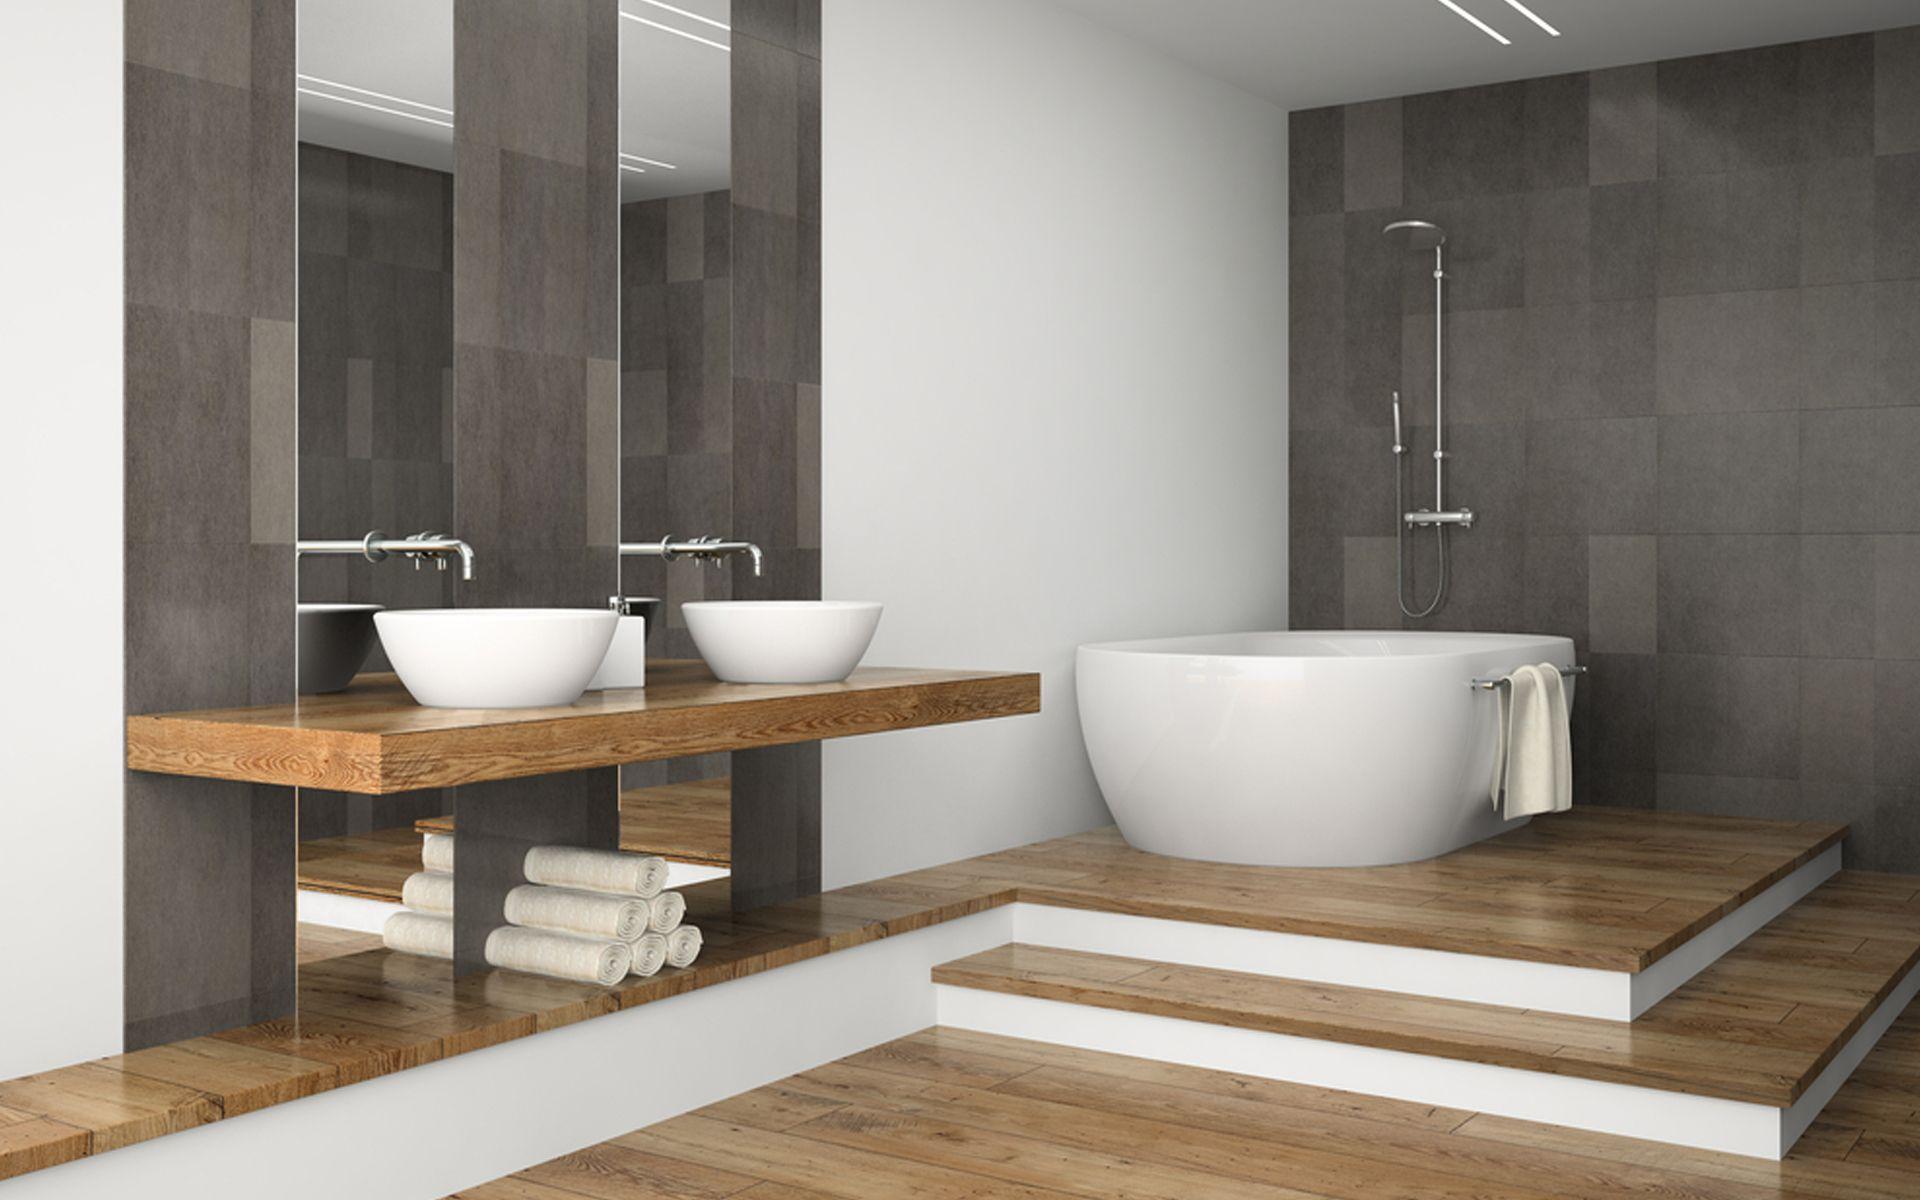 Badkamer Grijs Wit Hout.Combinatie Van Hout Met Wit En Grijs En Het Opstapje Naar Bad Douche